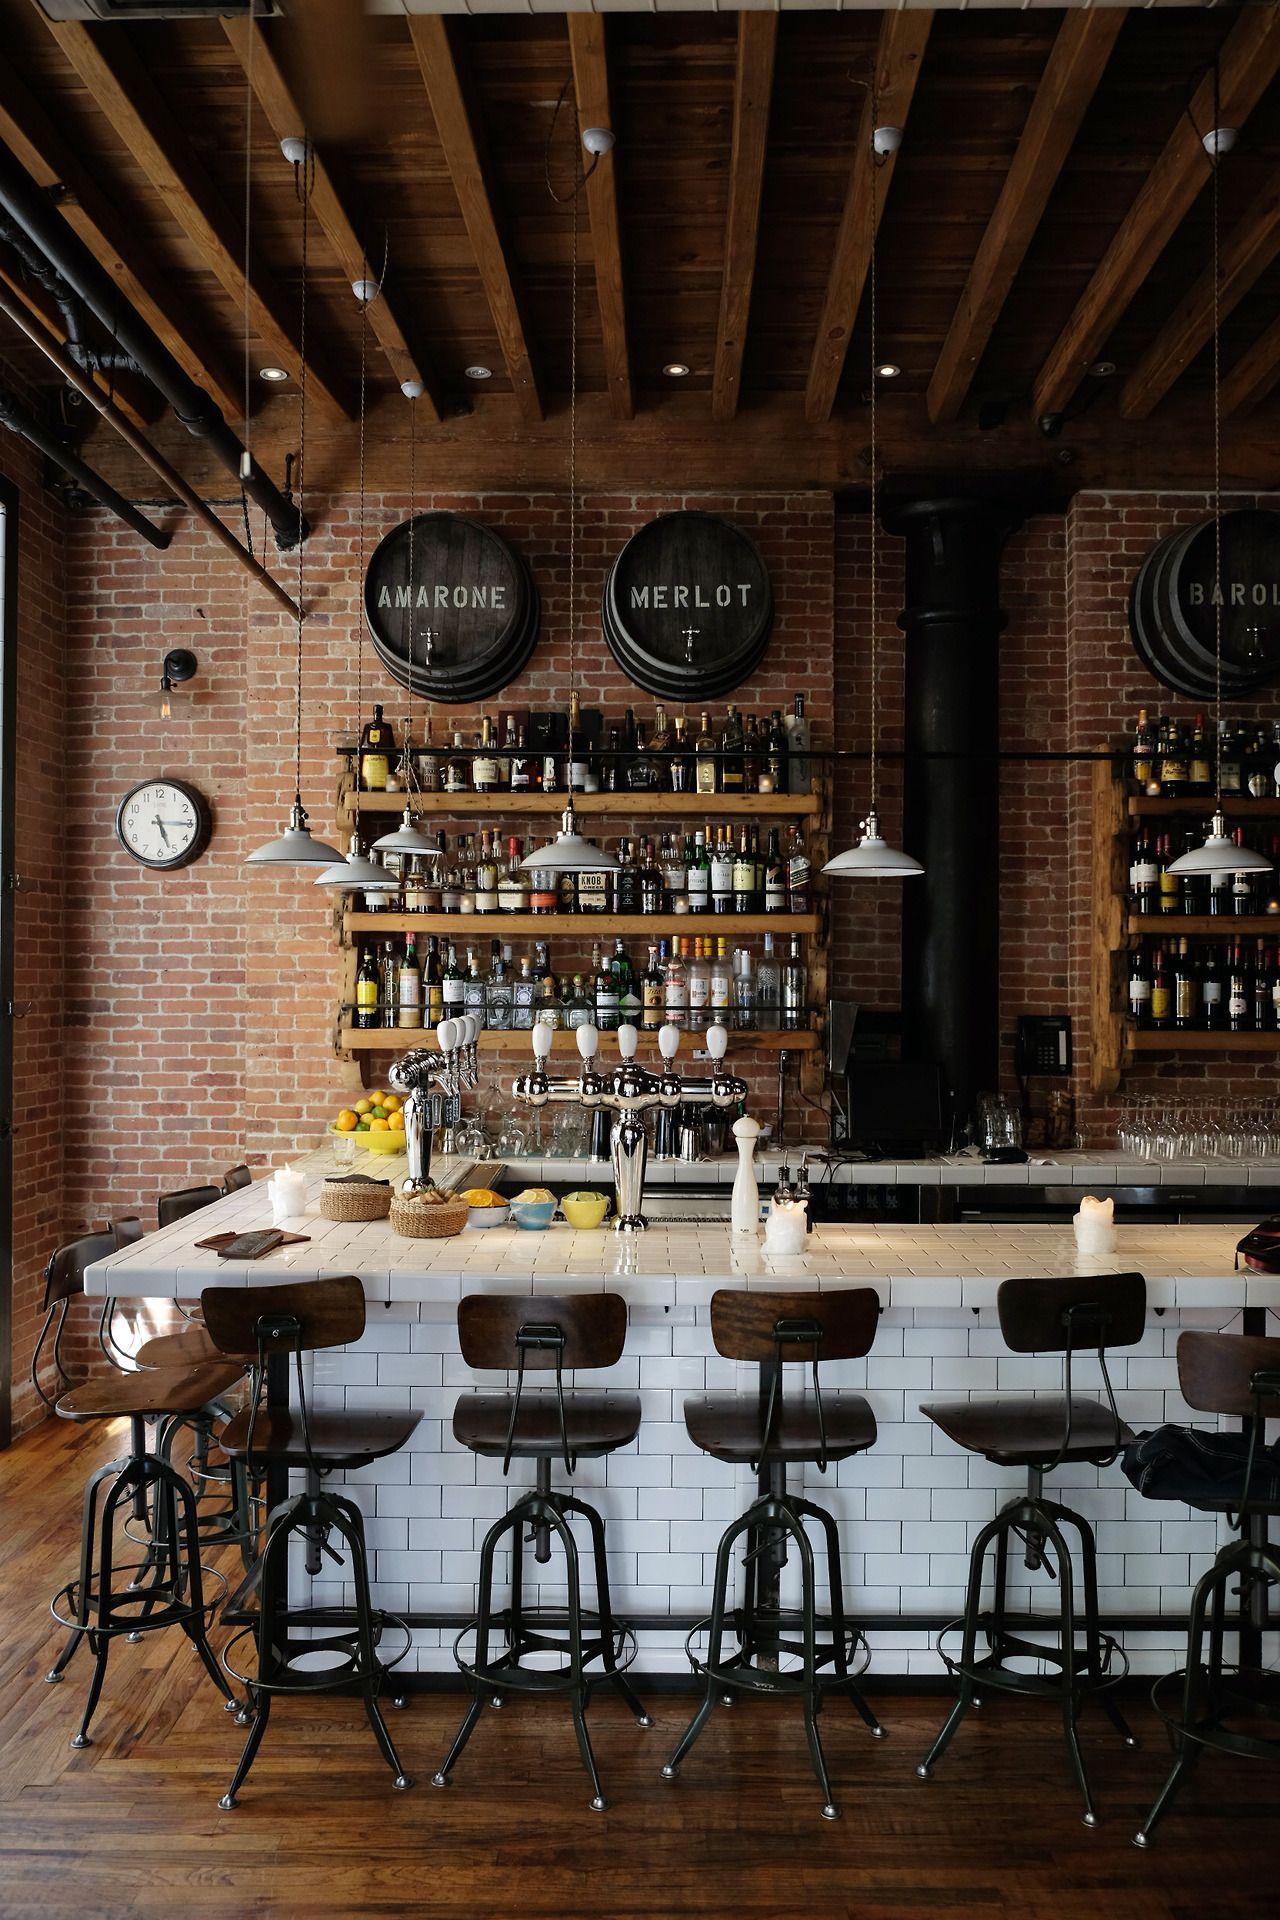 barra y banquetas | Adolfo | Pinterest | Wine bars, Bar and Wine